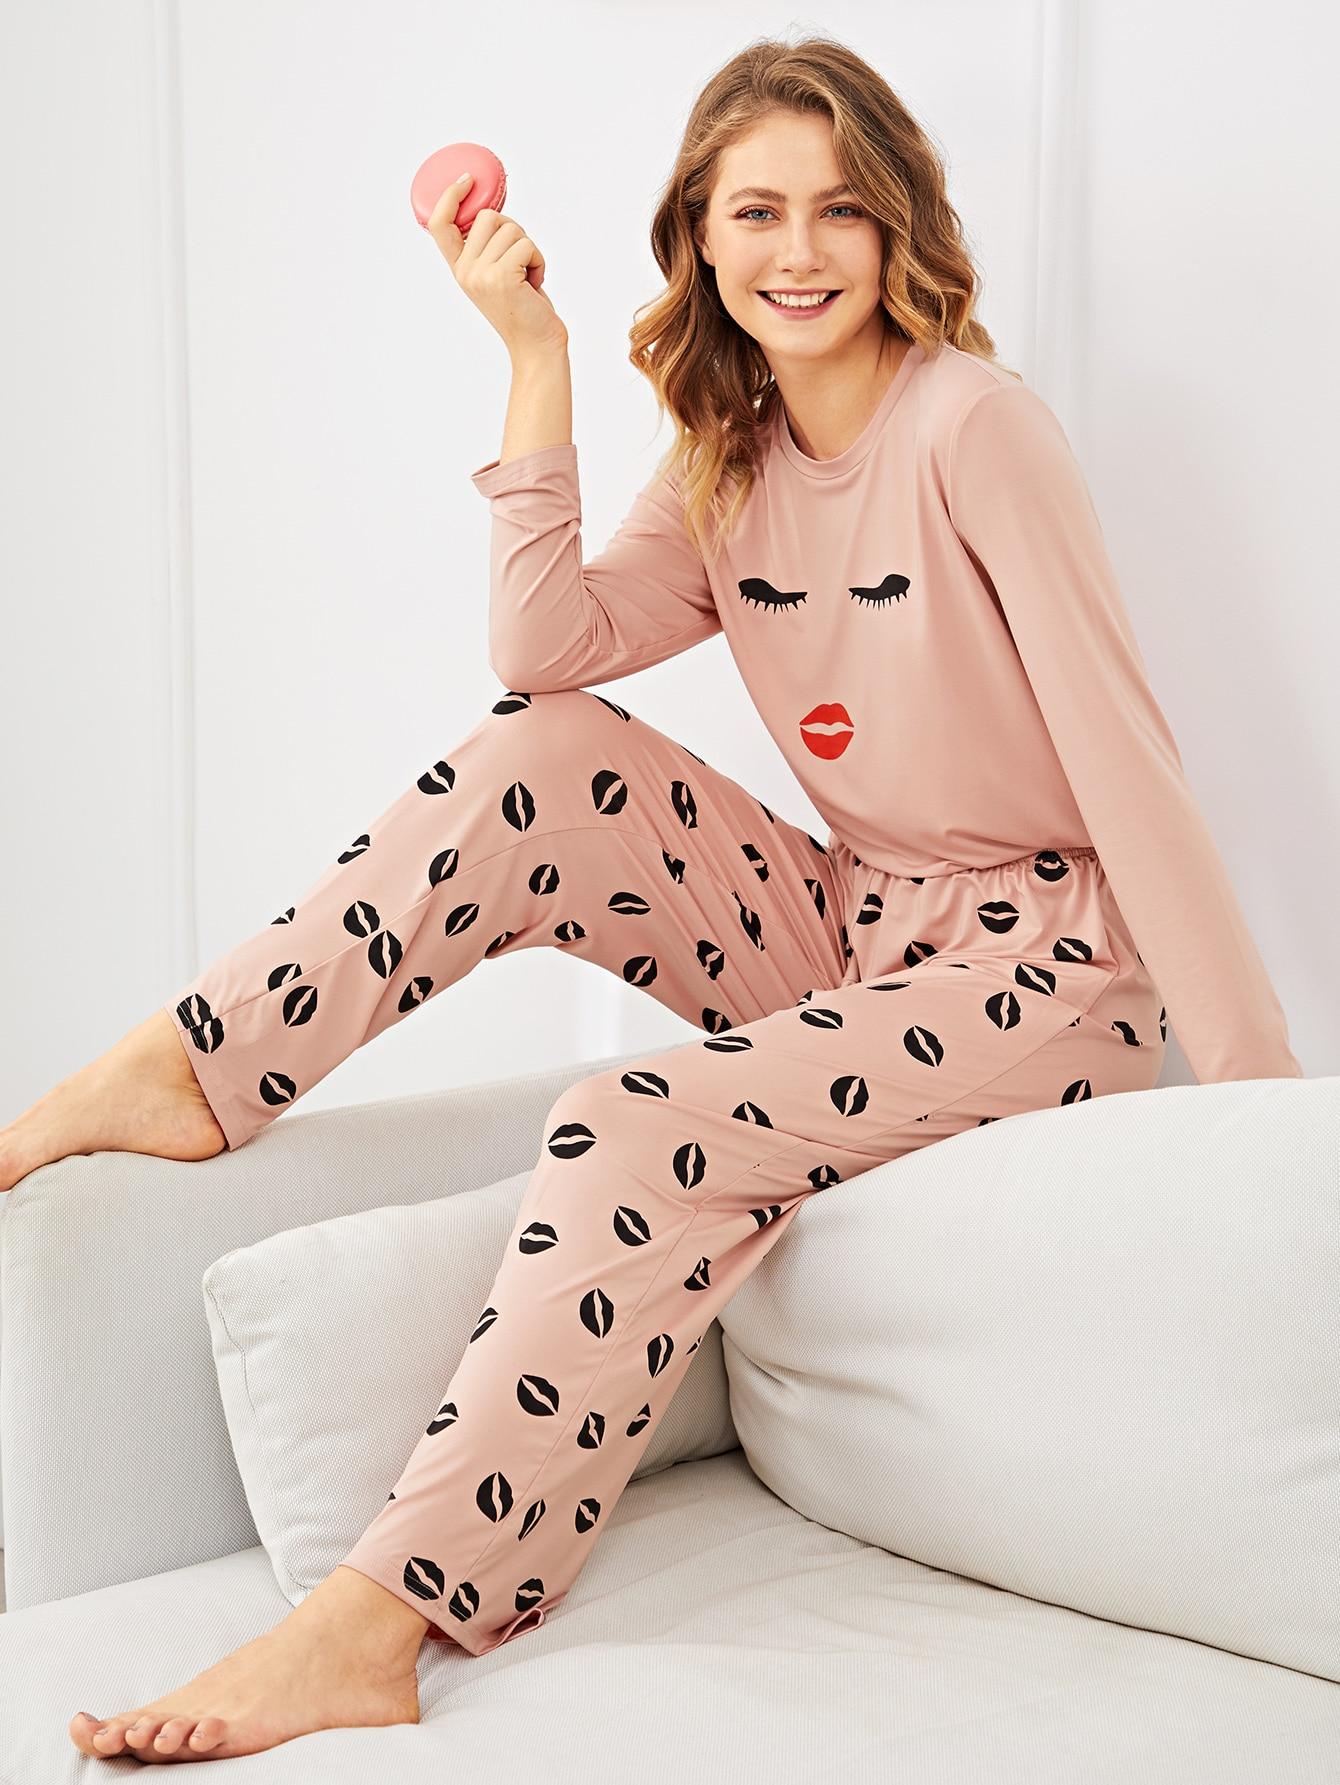 Пижама с принтом губ и ресниц, Nastyab, SheIn  - купить со скидкой